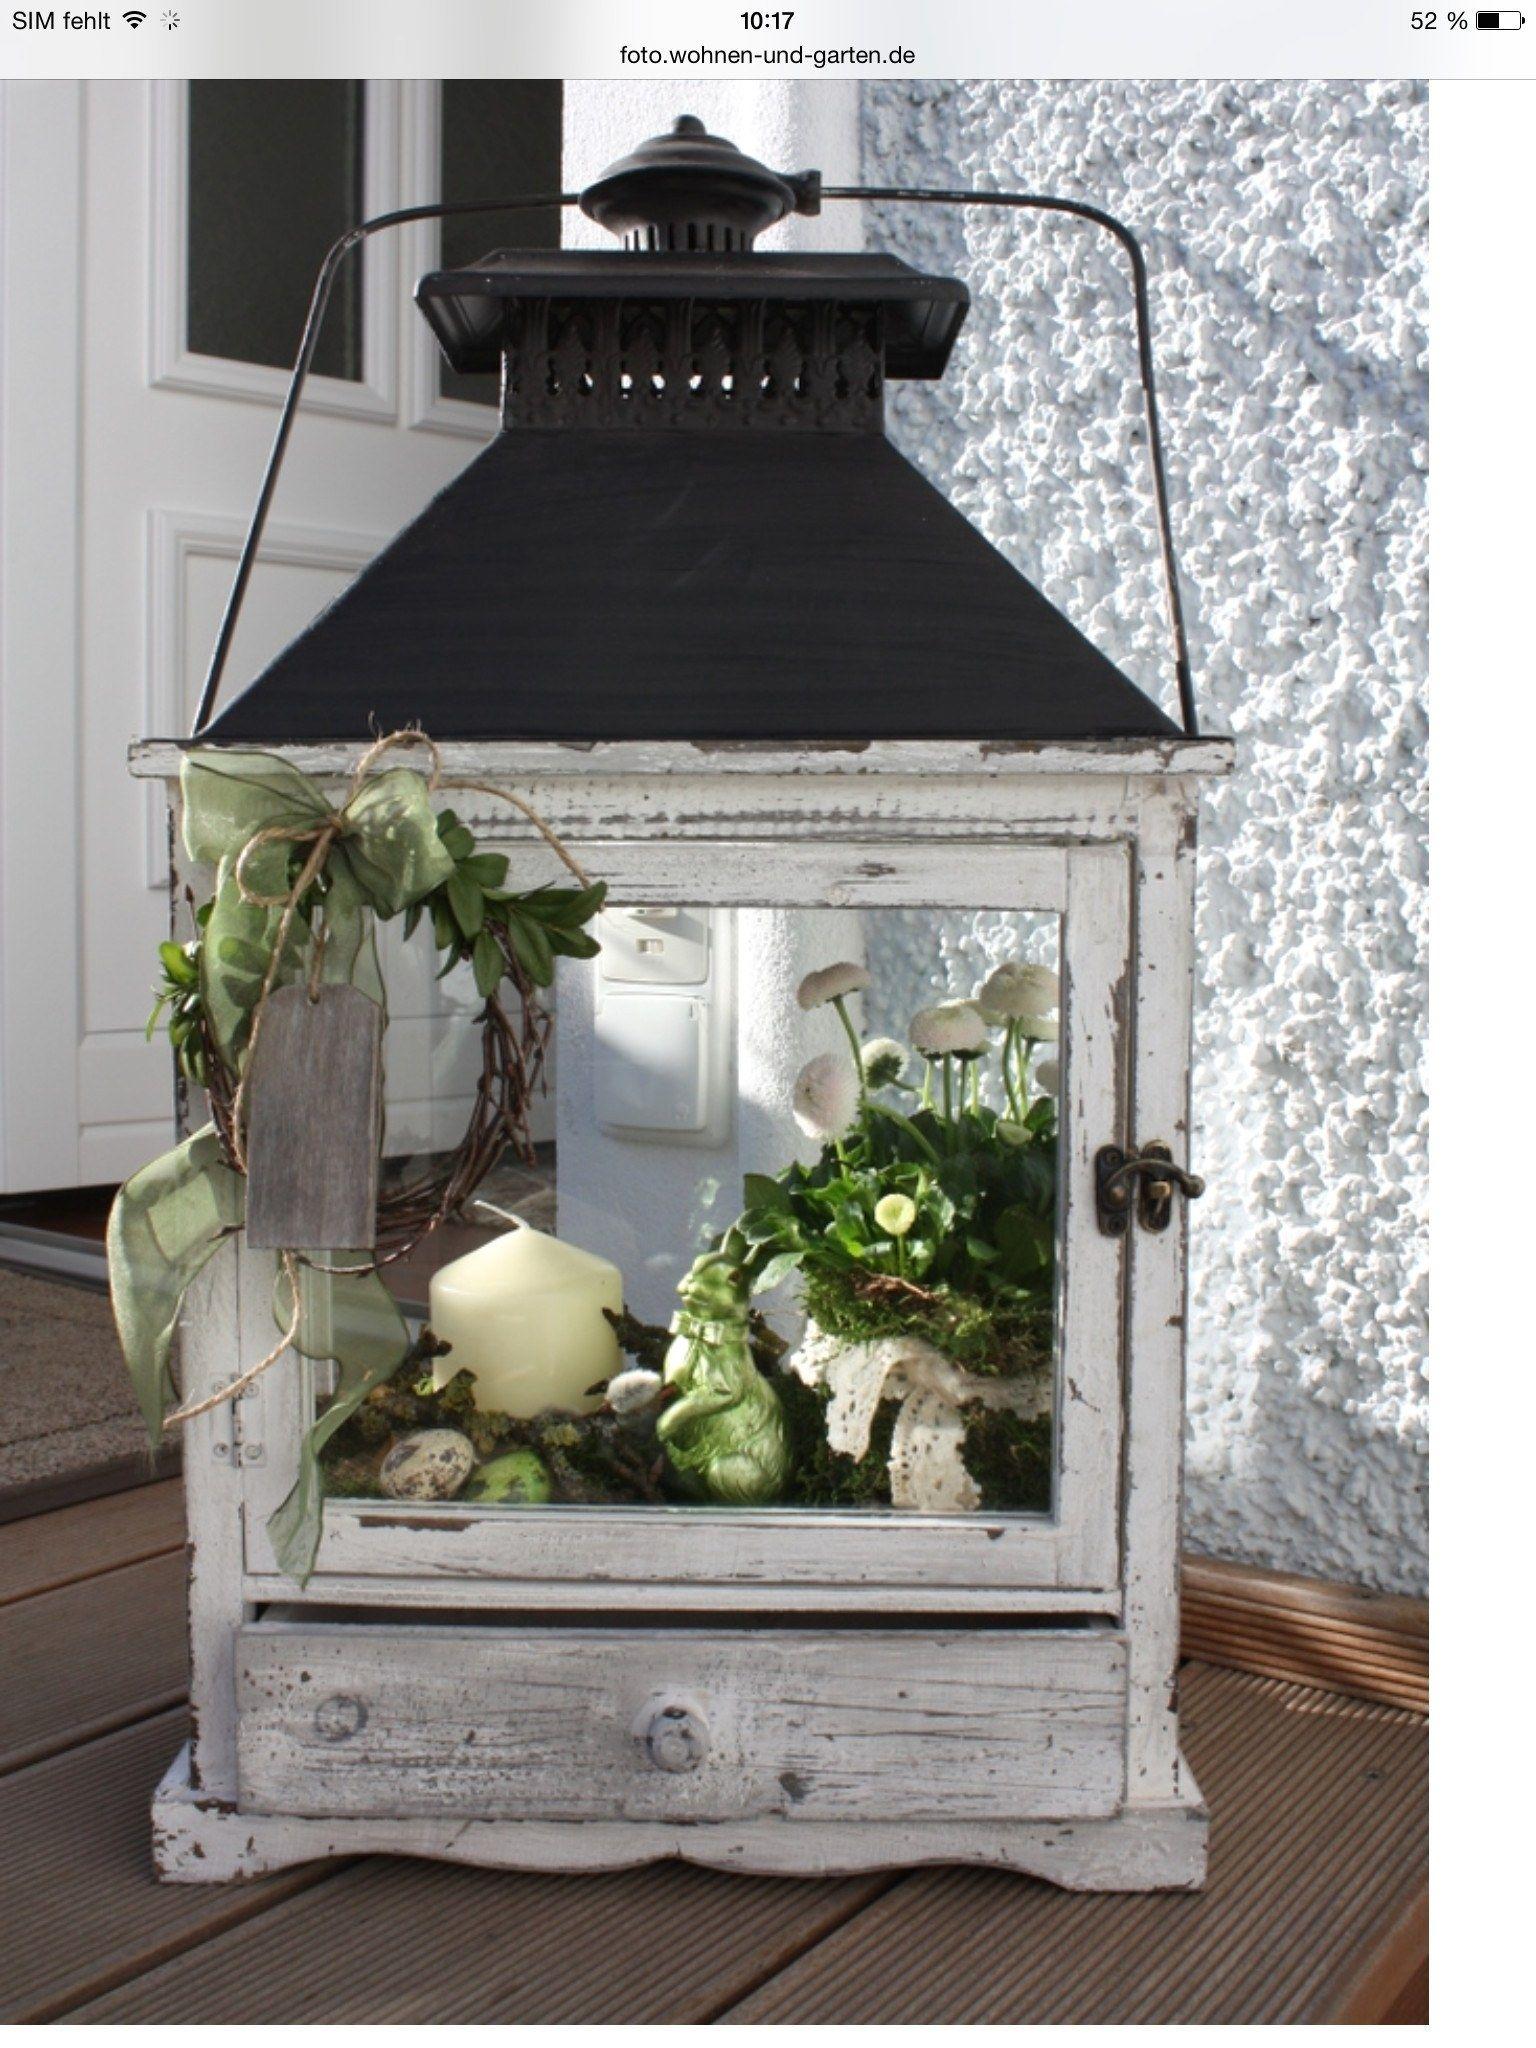 dekoideen wohnzimmer natur das beste von deko f r garten. Black Bedroom Furniture Sets. Home Design Ideas